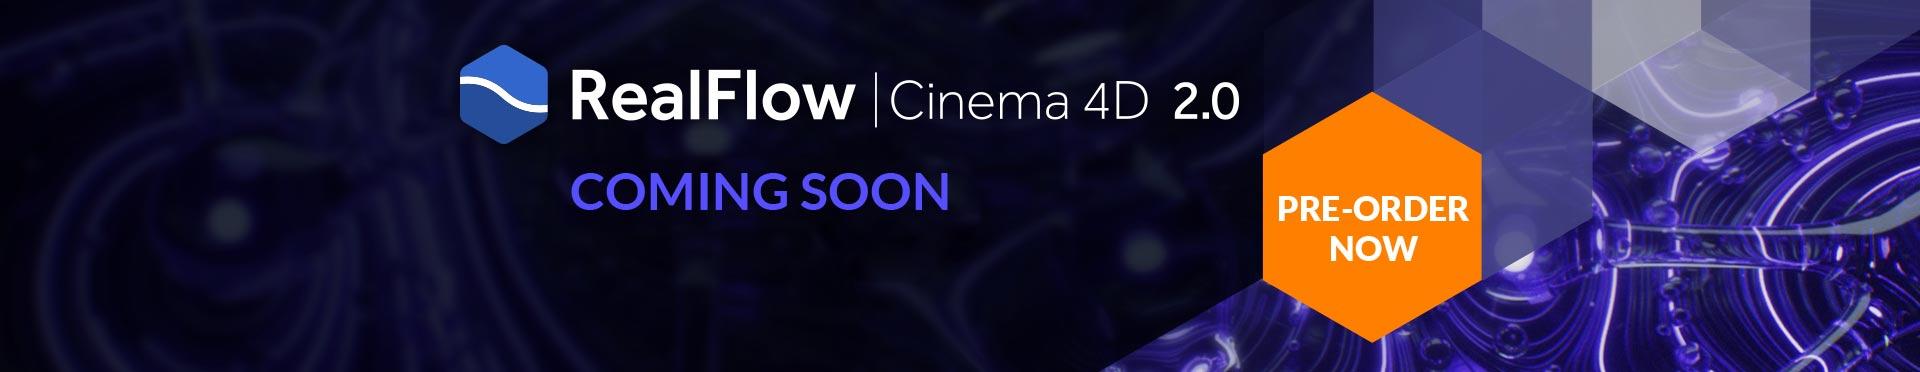 RealFlow | Cinema 4D